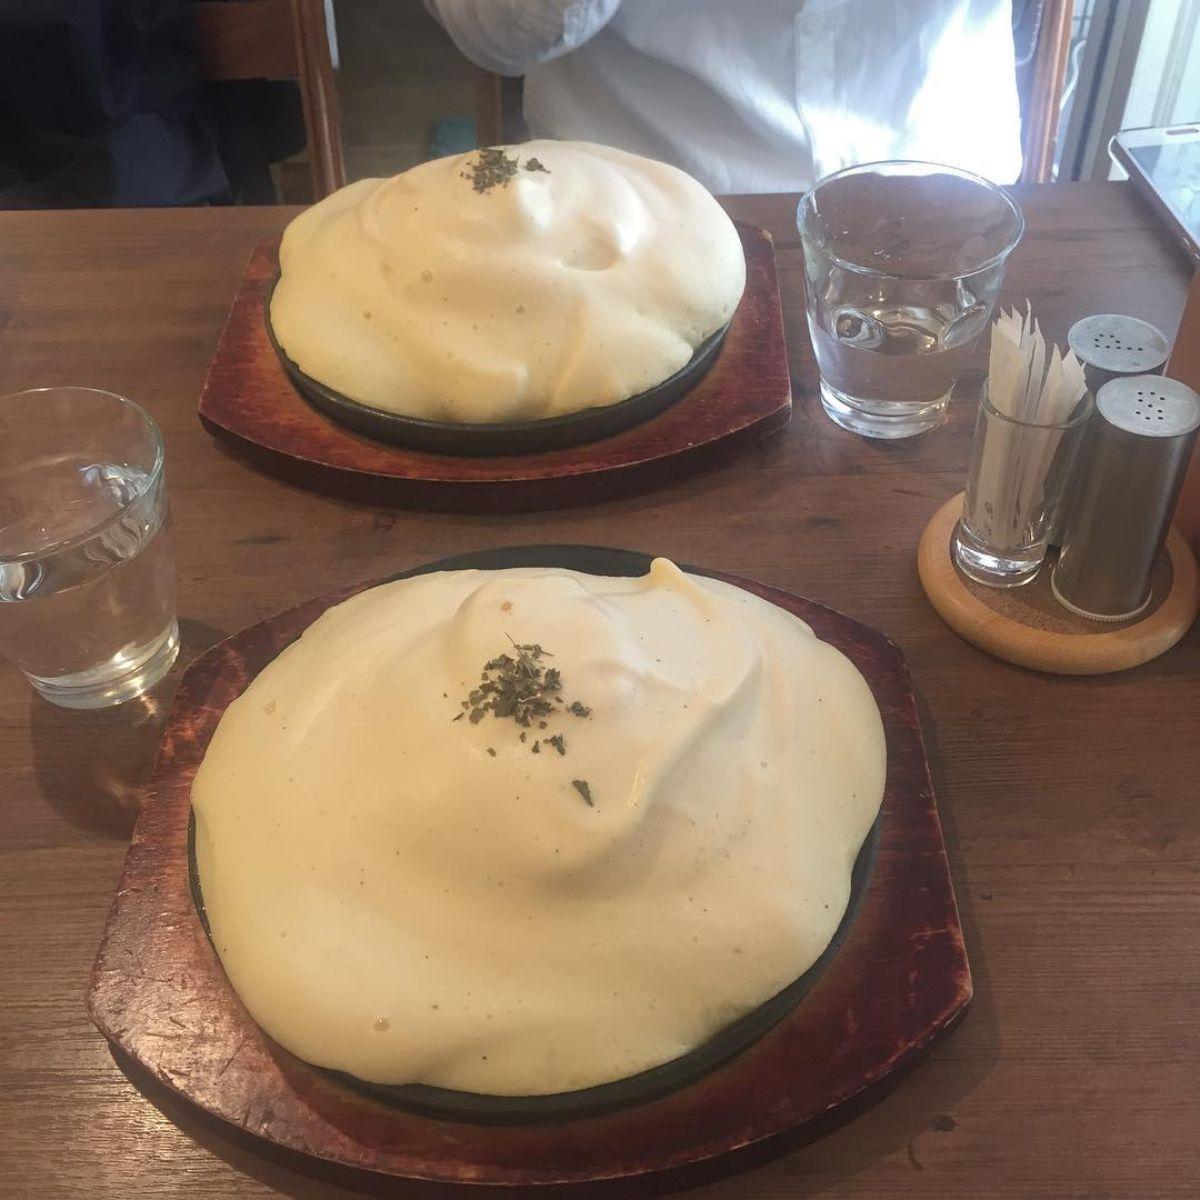 家では作れないオムライスが食べたい!わざわざ食べに出かけたい都内の【変わり種オムライス】7選♡